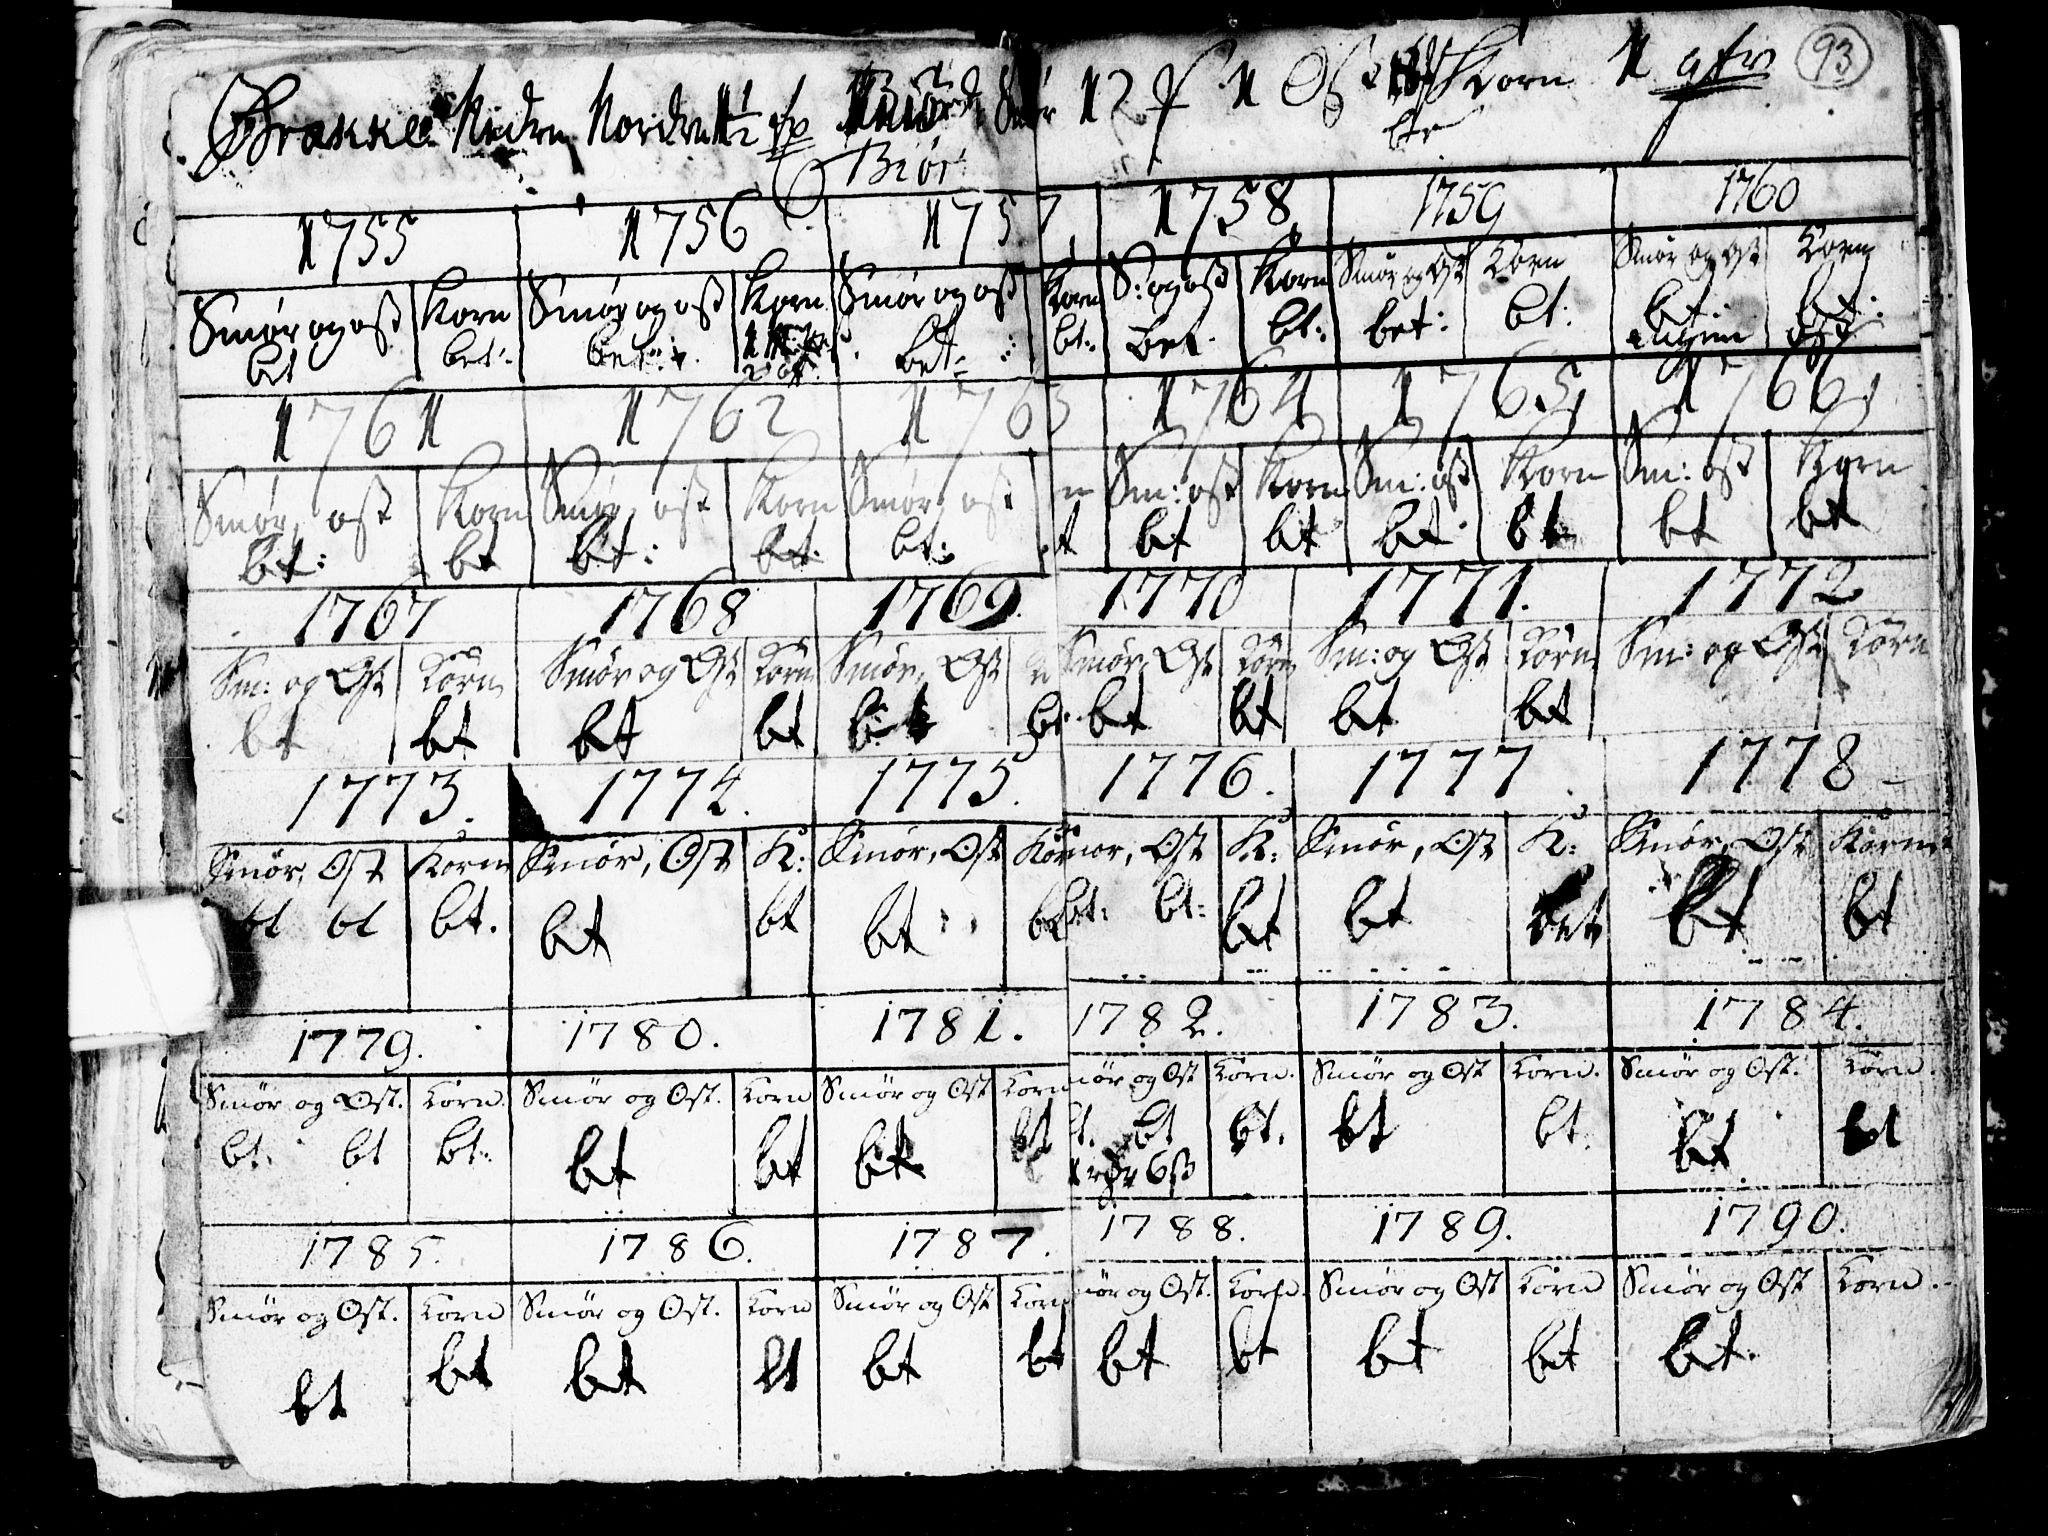 SAKO, Seljord kirkebøker, G/Gb/L0001: Klokkerbok nr. II 1, 1754-1790, s. 92-93